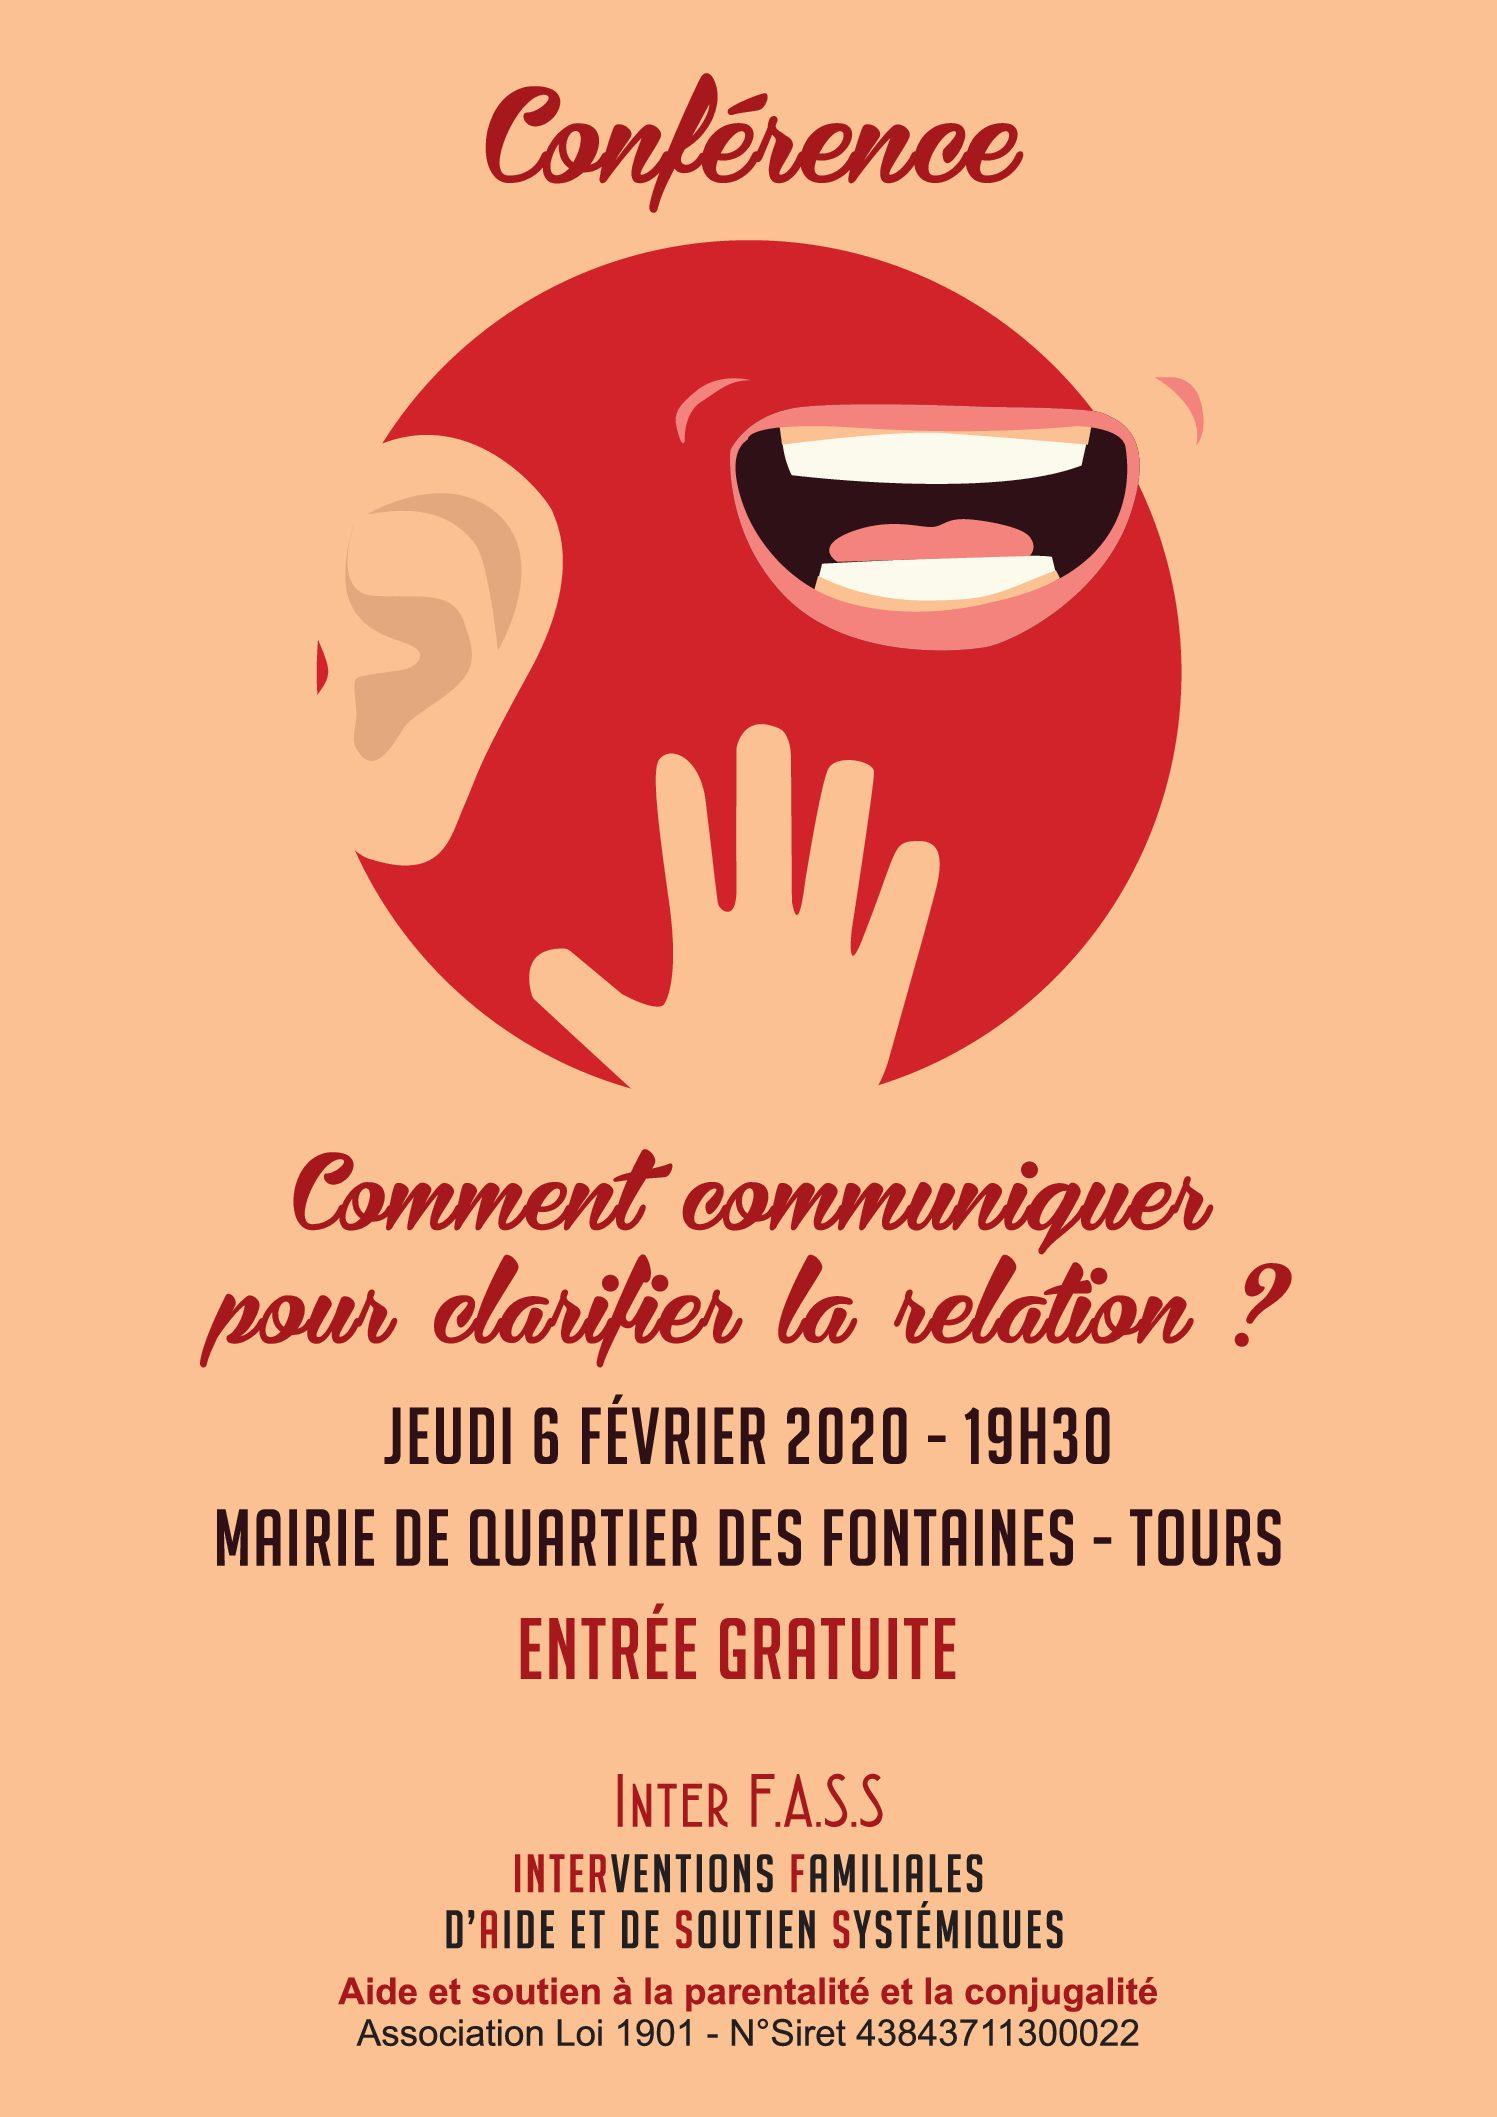 CONFERENCE «COMMENT COMMUNIQUER POUR CLARIFIER LA RELATION»